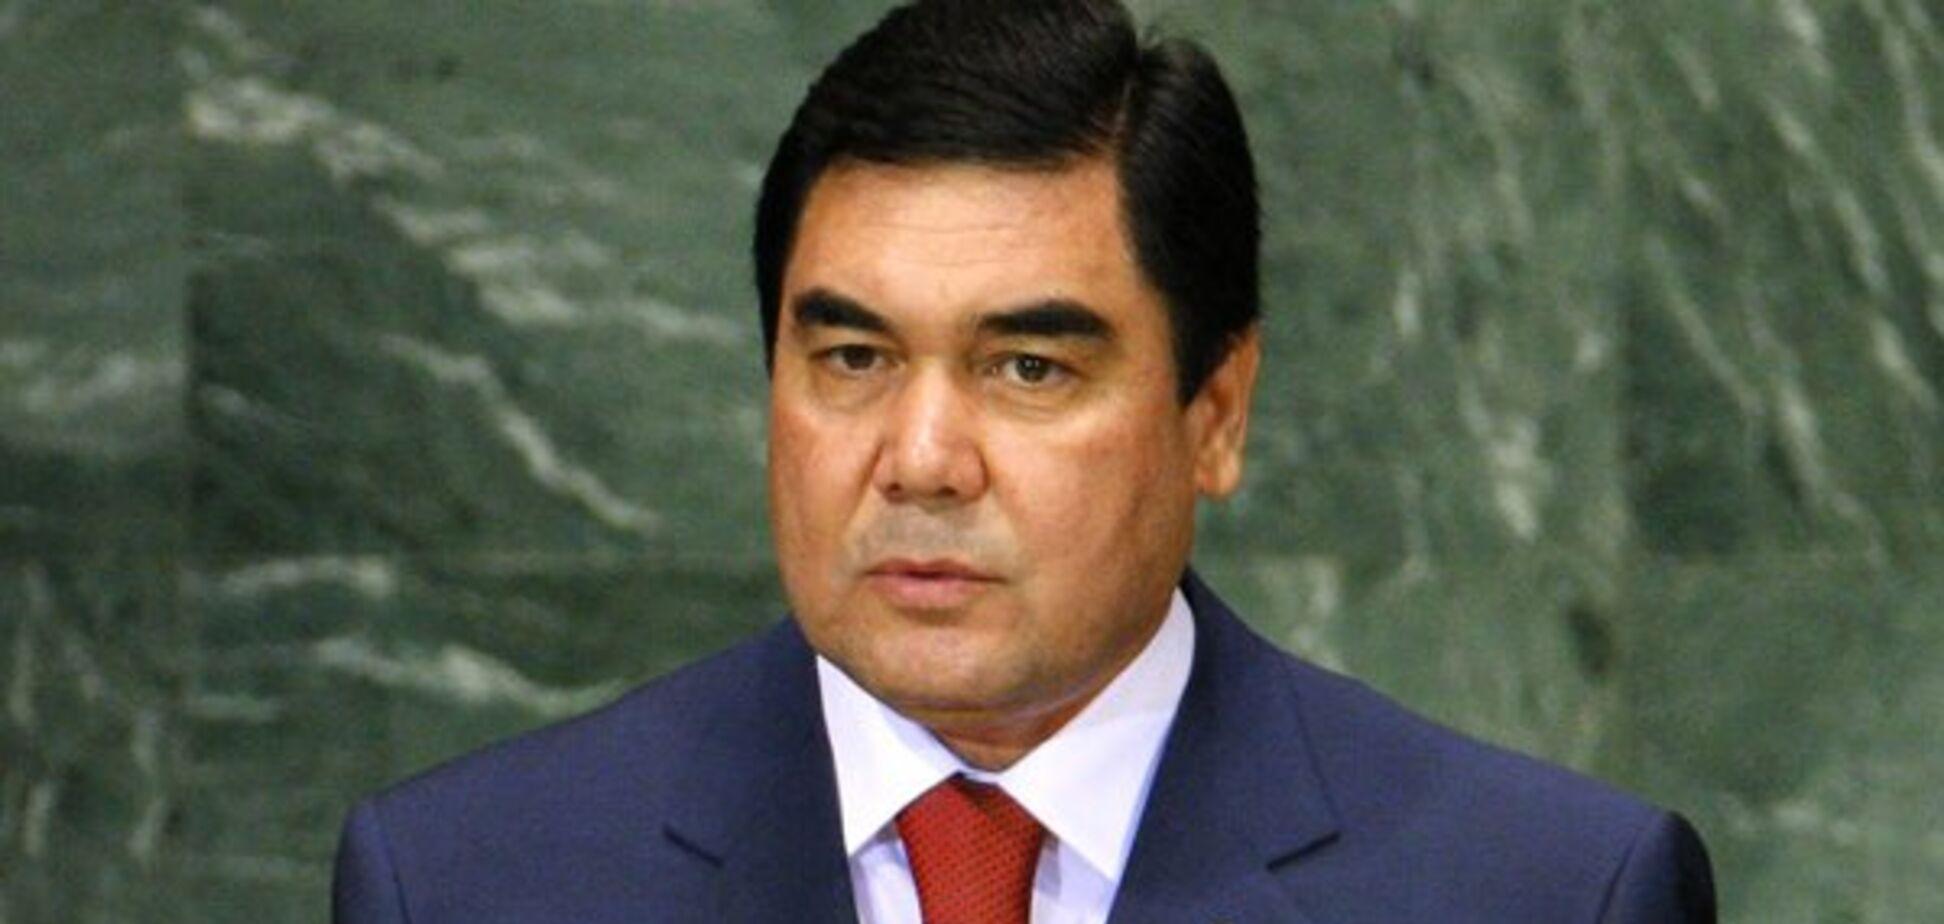 ЗМІ повідомили про раптову смерть президента Туркменістану: секретні служби приховують